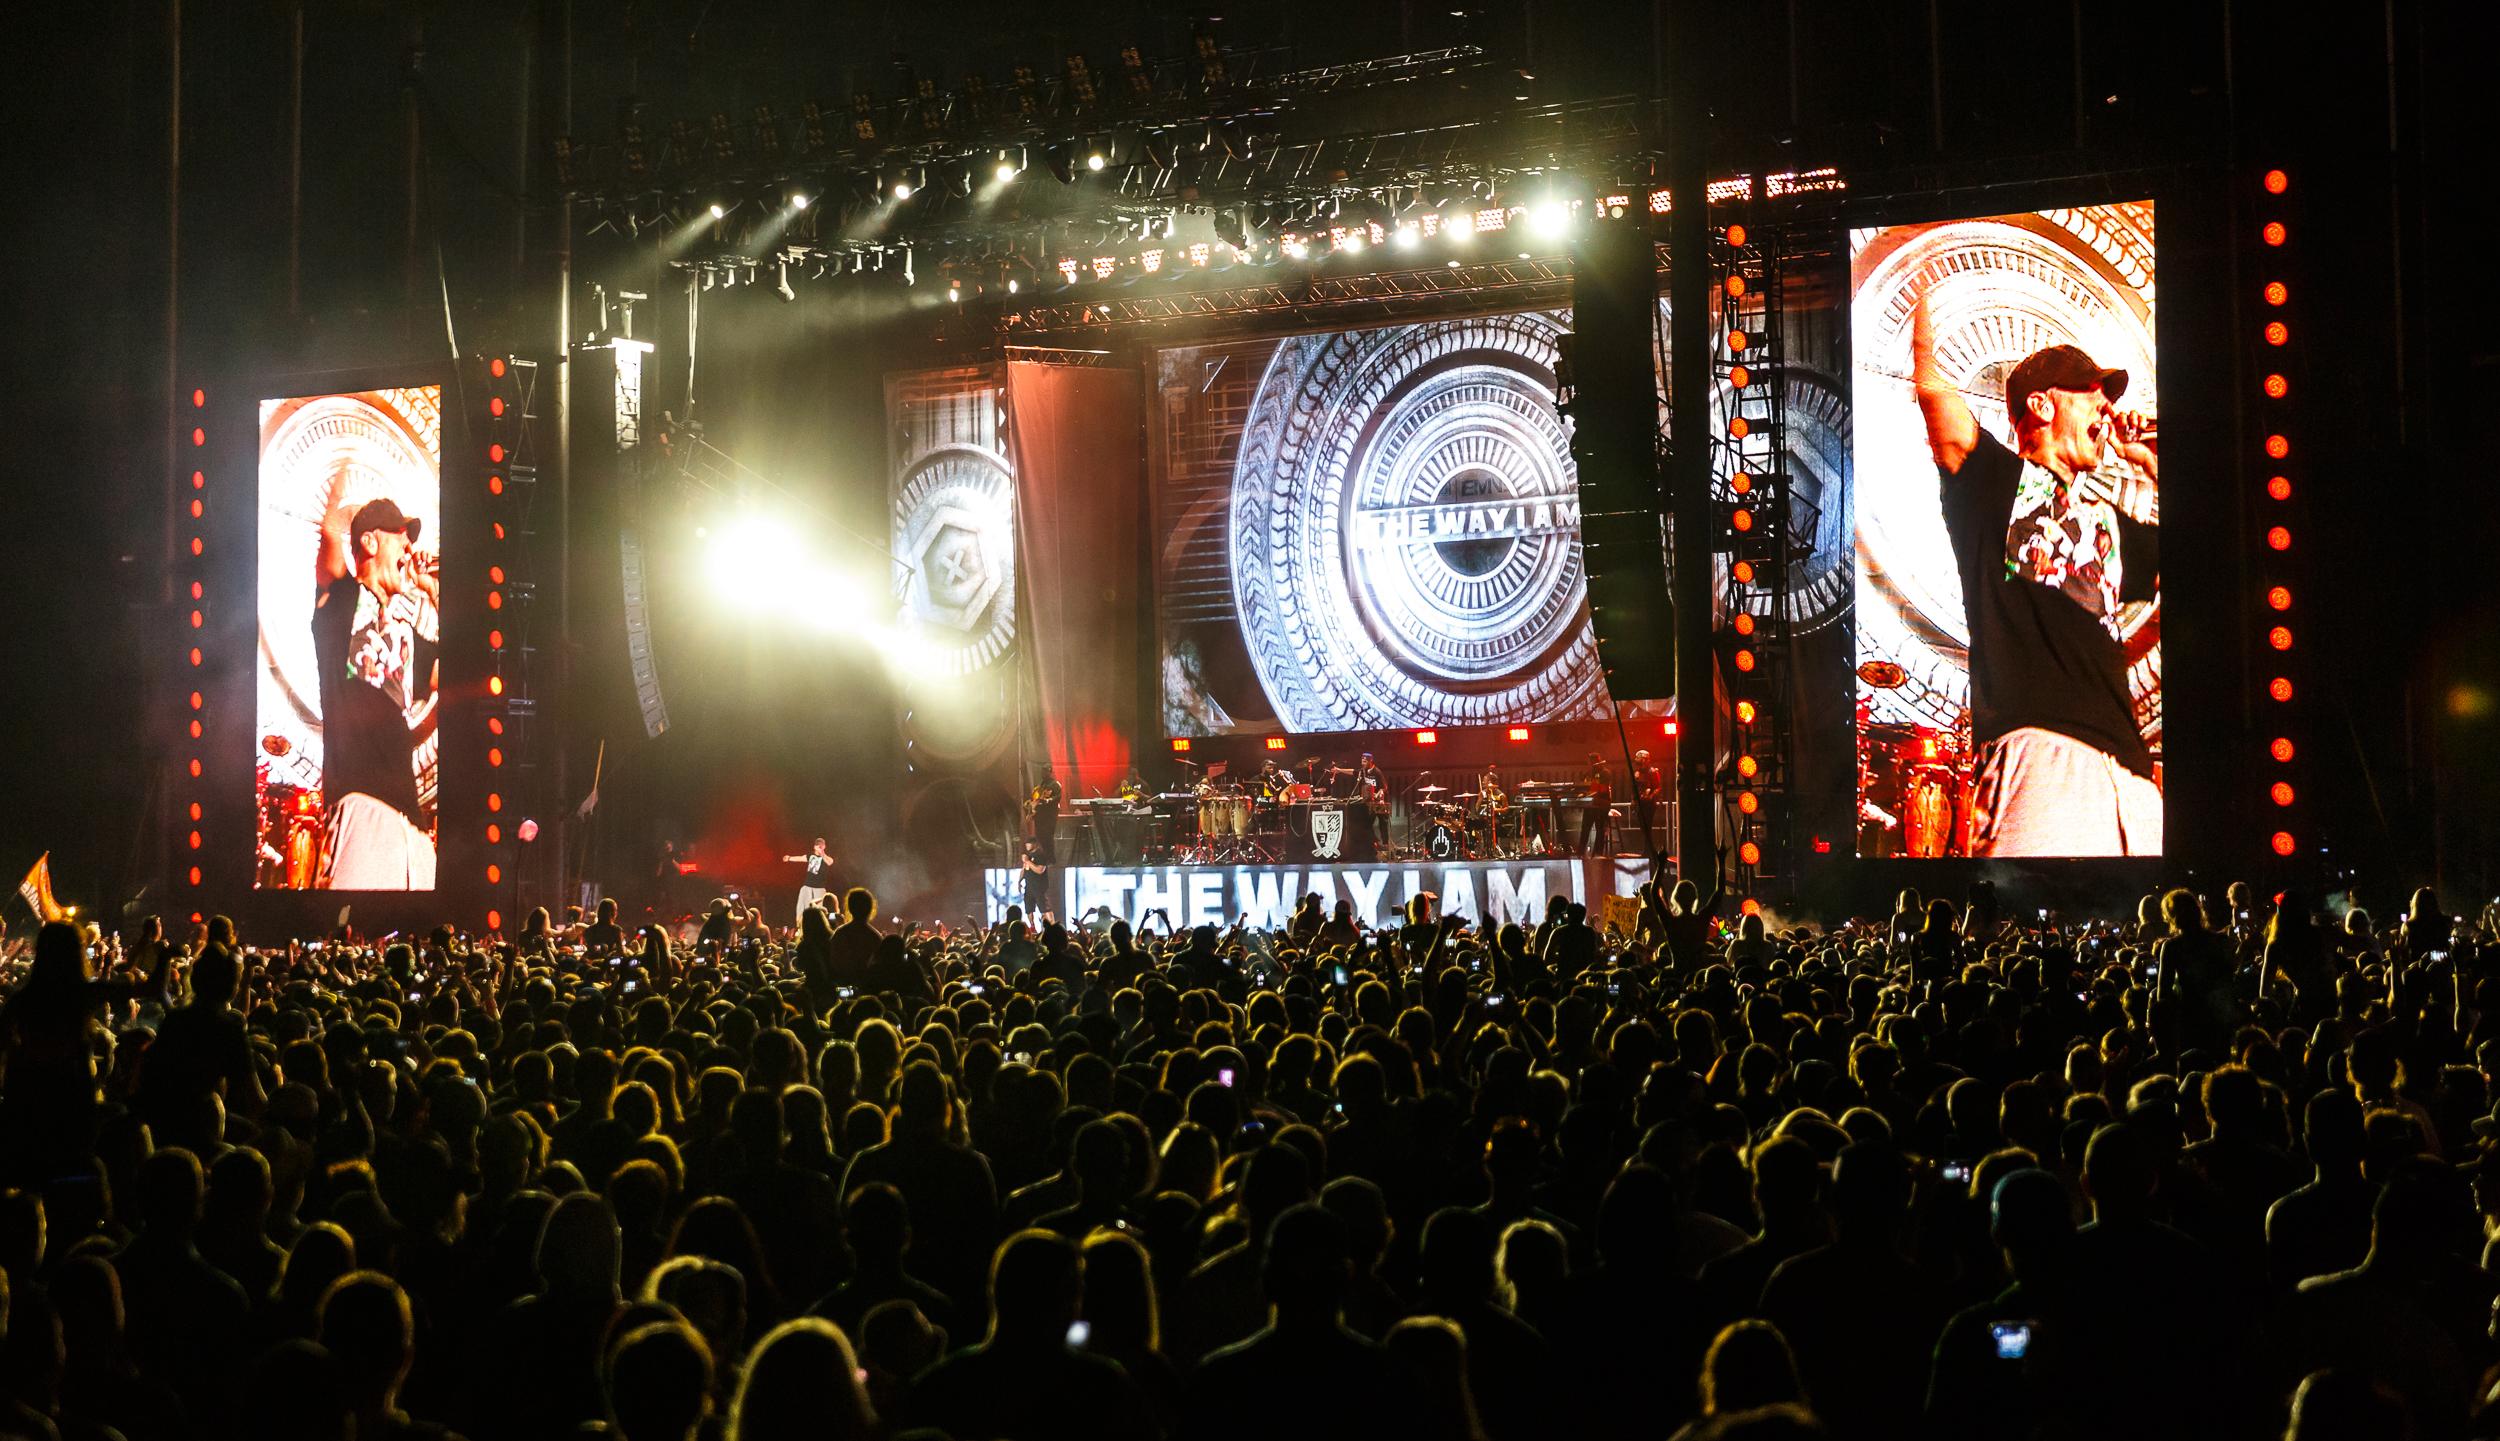 Eminem_photo22.jpg